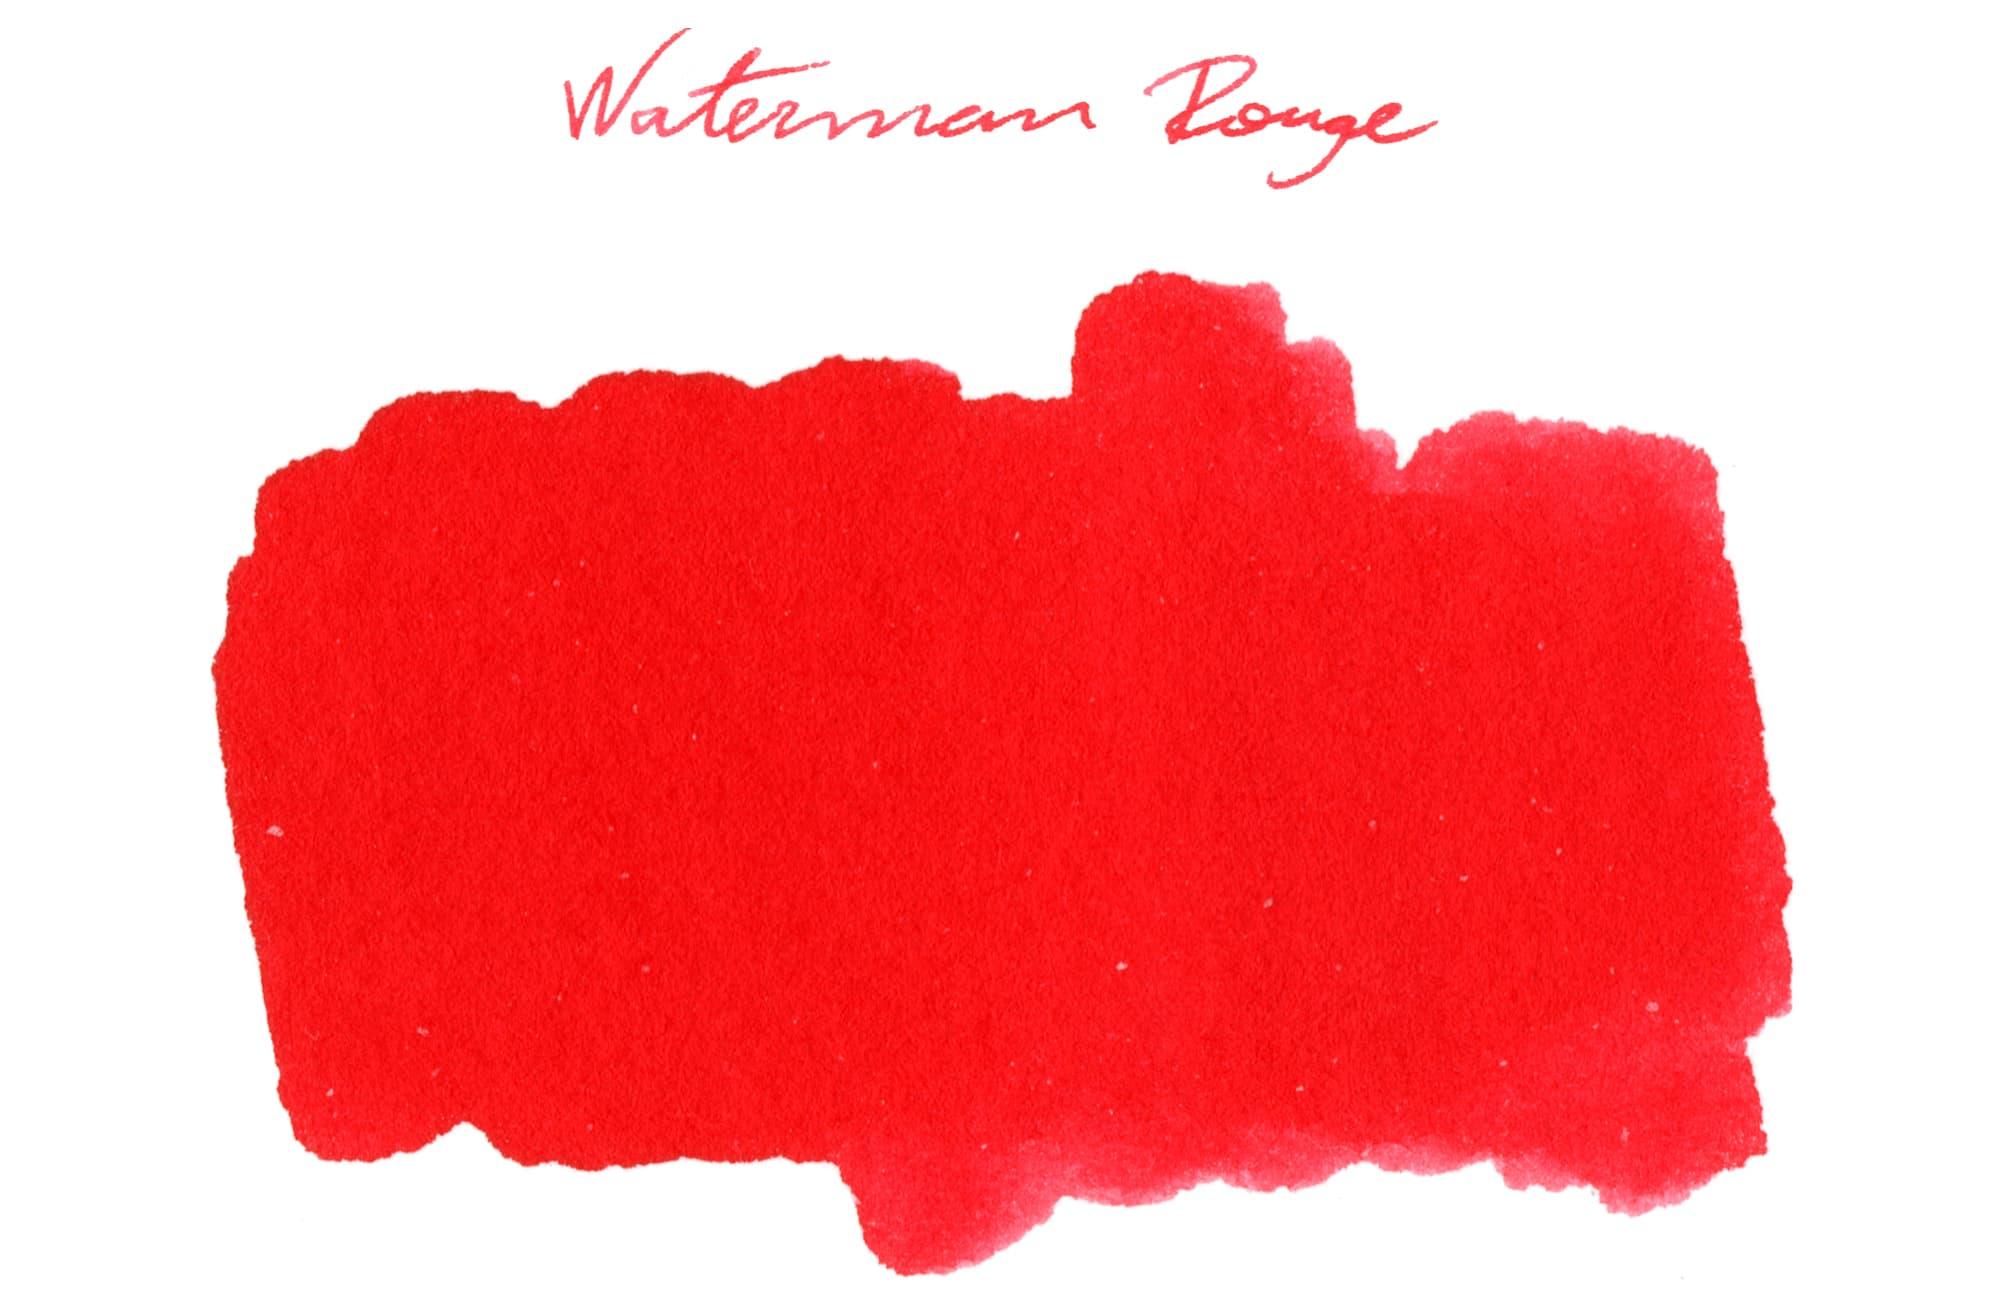 Waterman Rouge